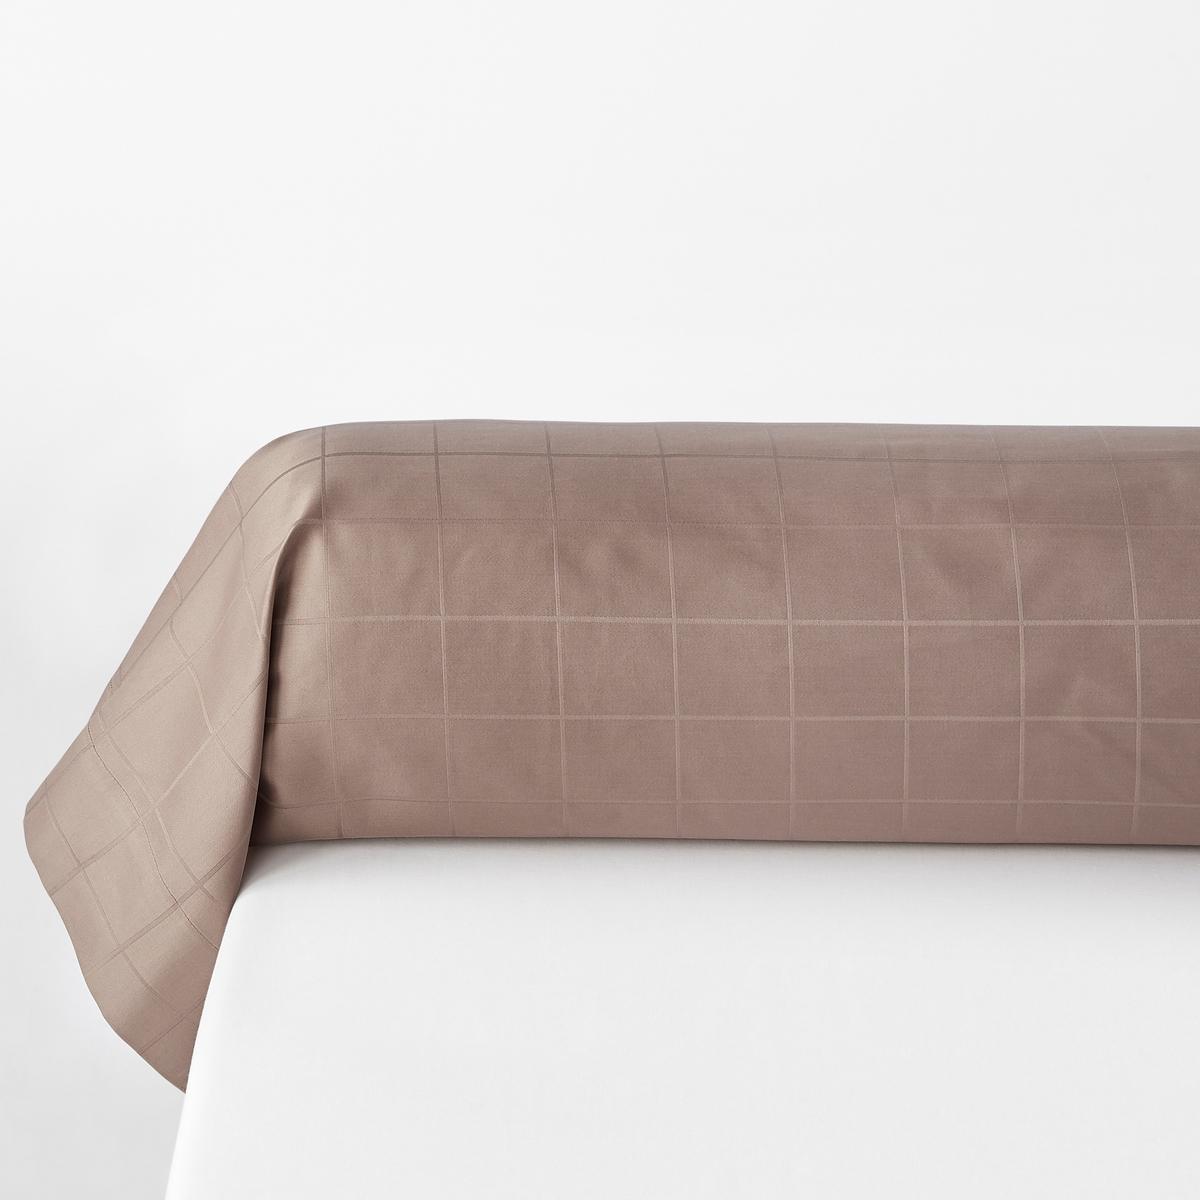 Fronha de travesseiro, cetim de algodão, quadrados grandes